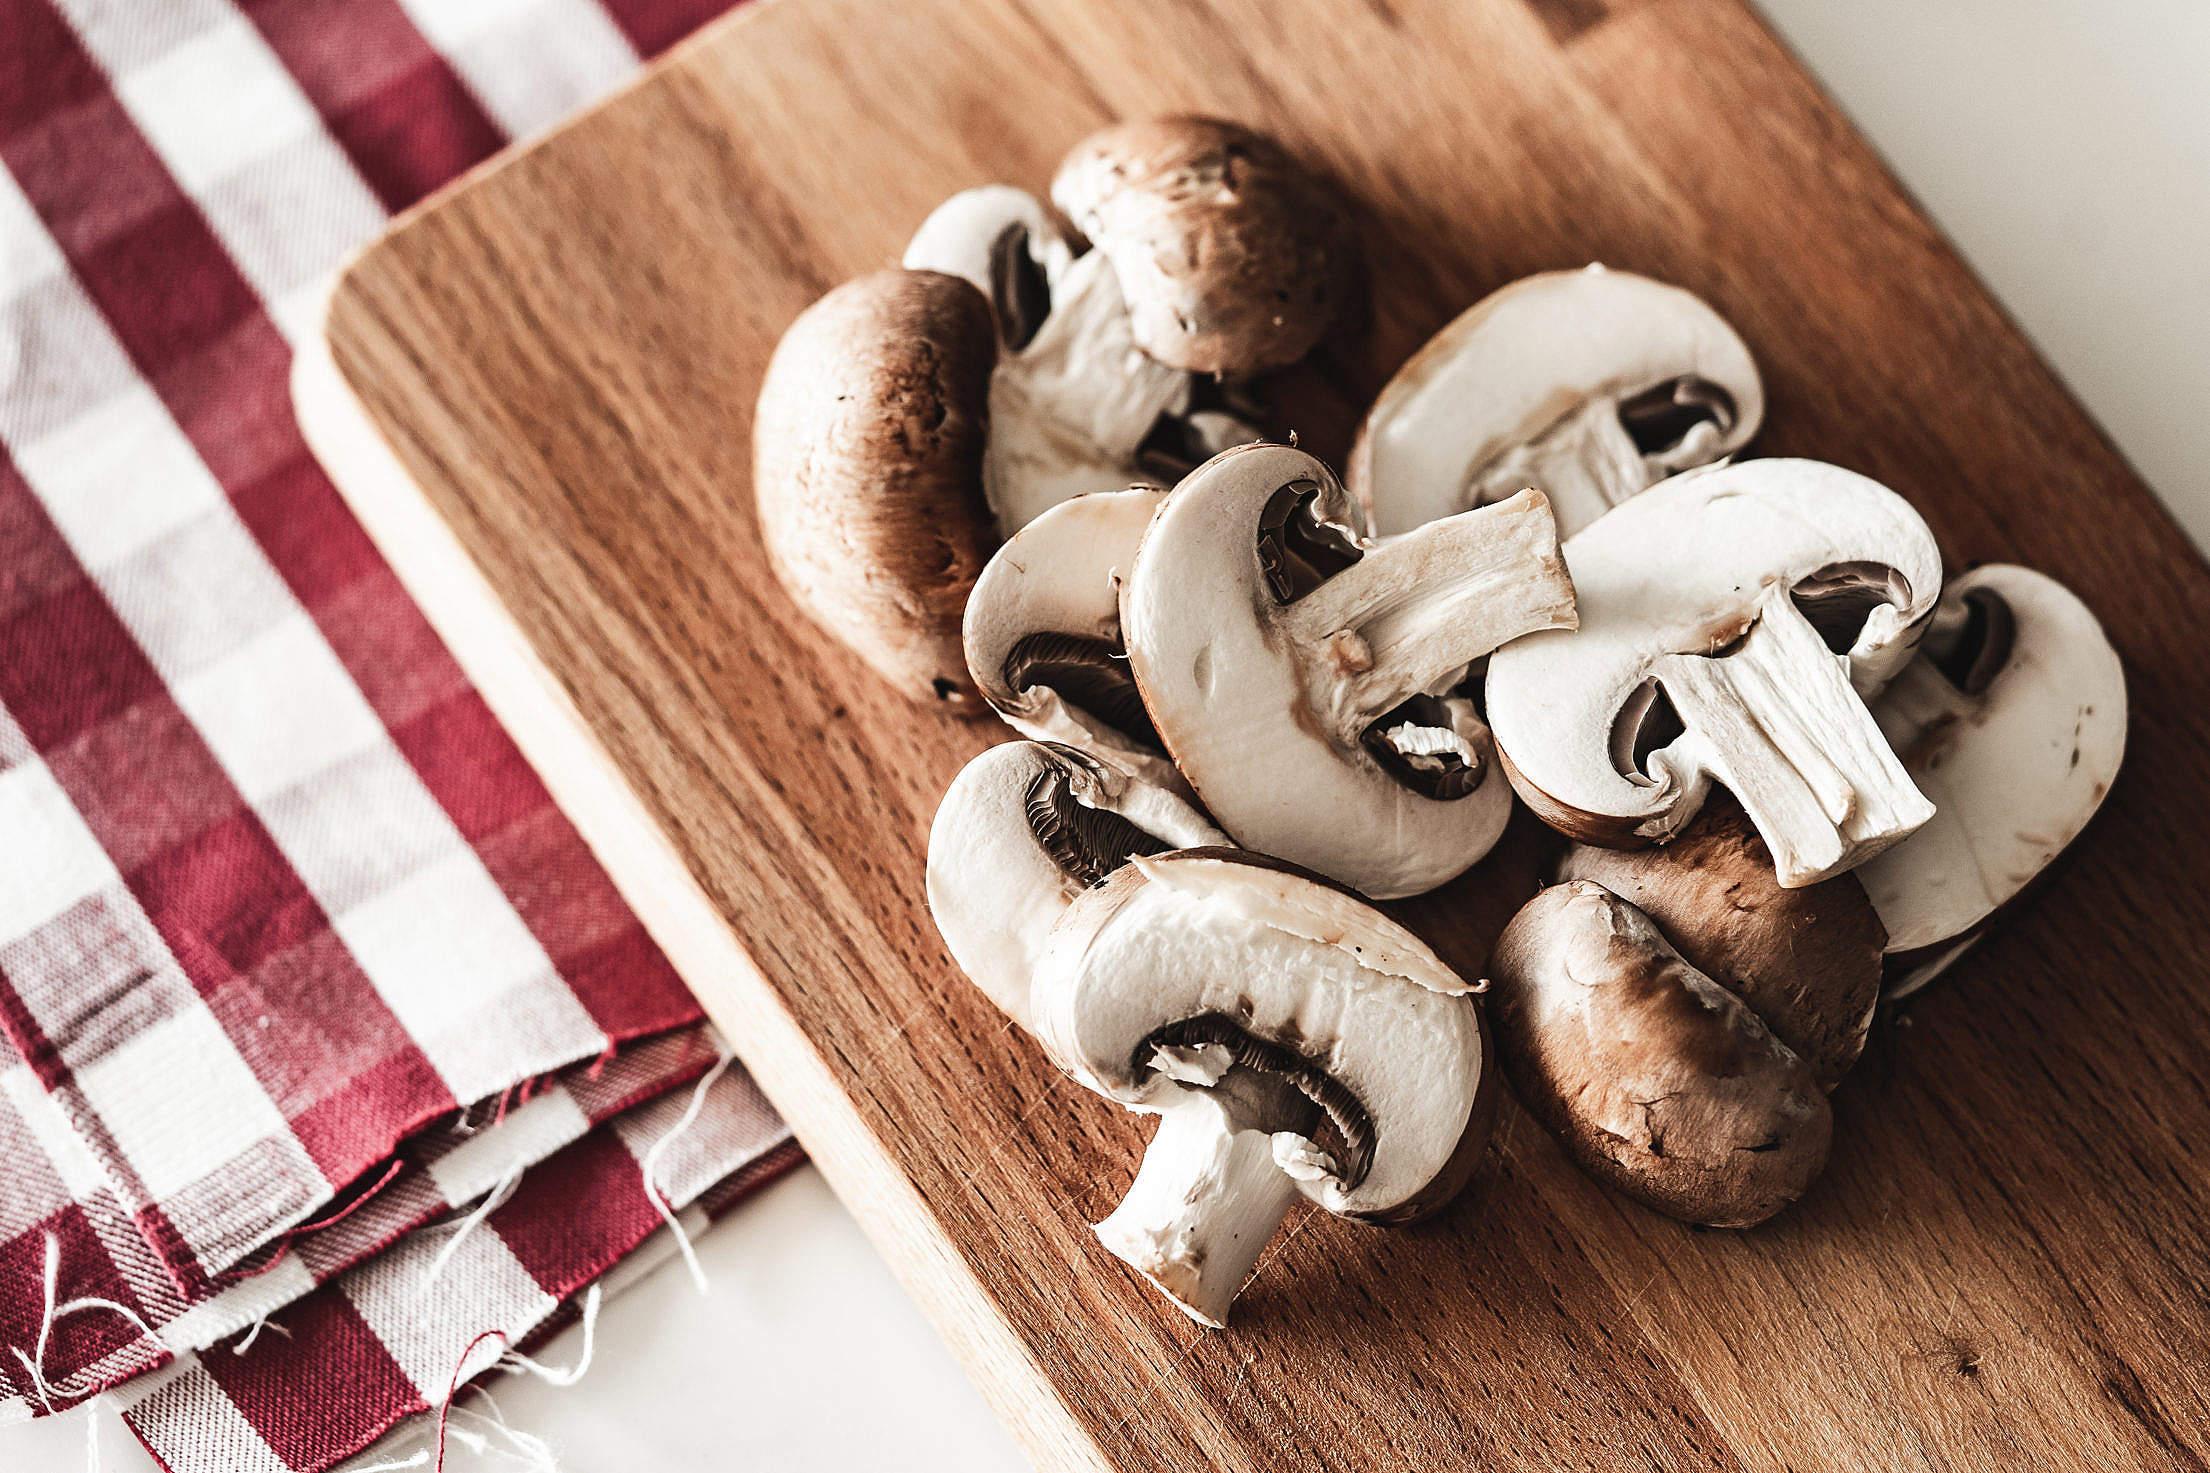 原菇、平菇、金针菇、鸡腿菇……哪种蘑菇更有营养?怎么吃比较好?